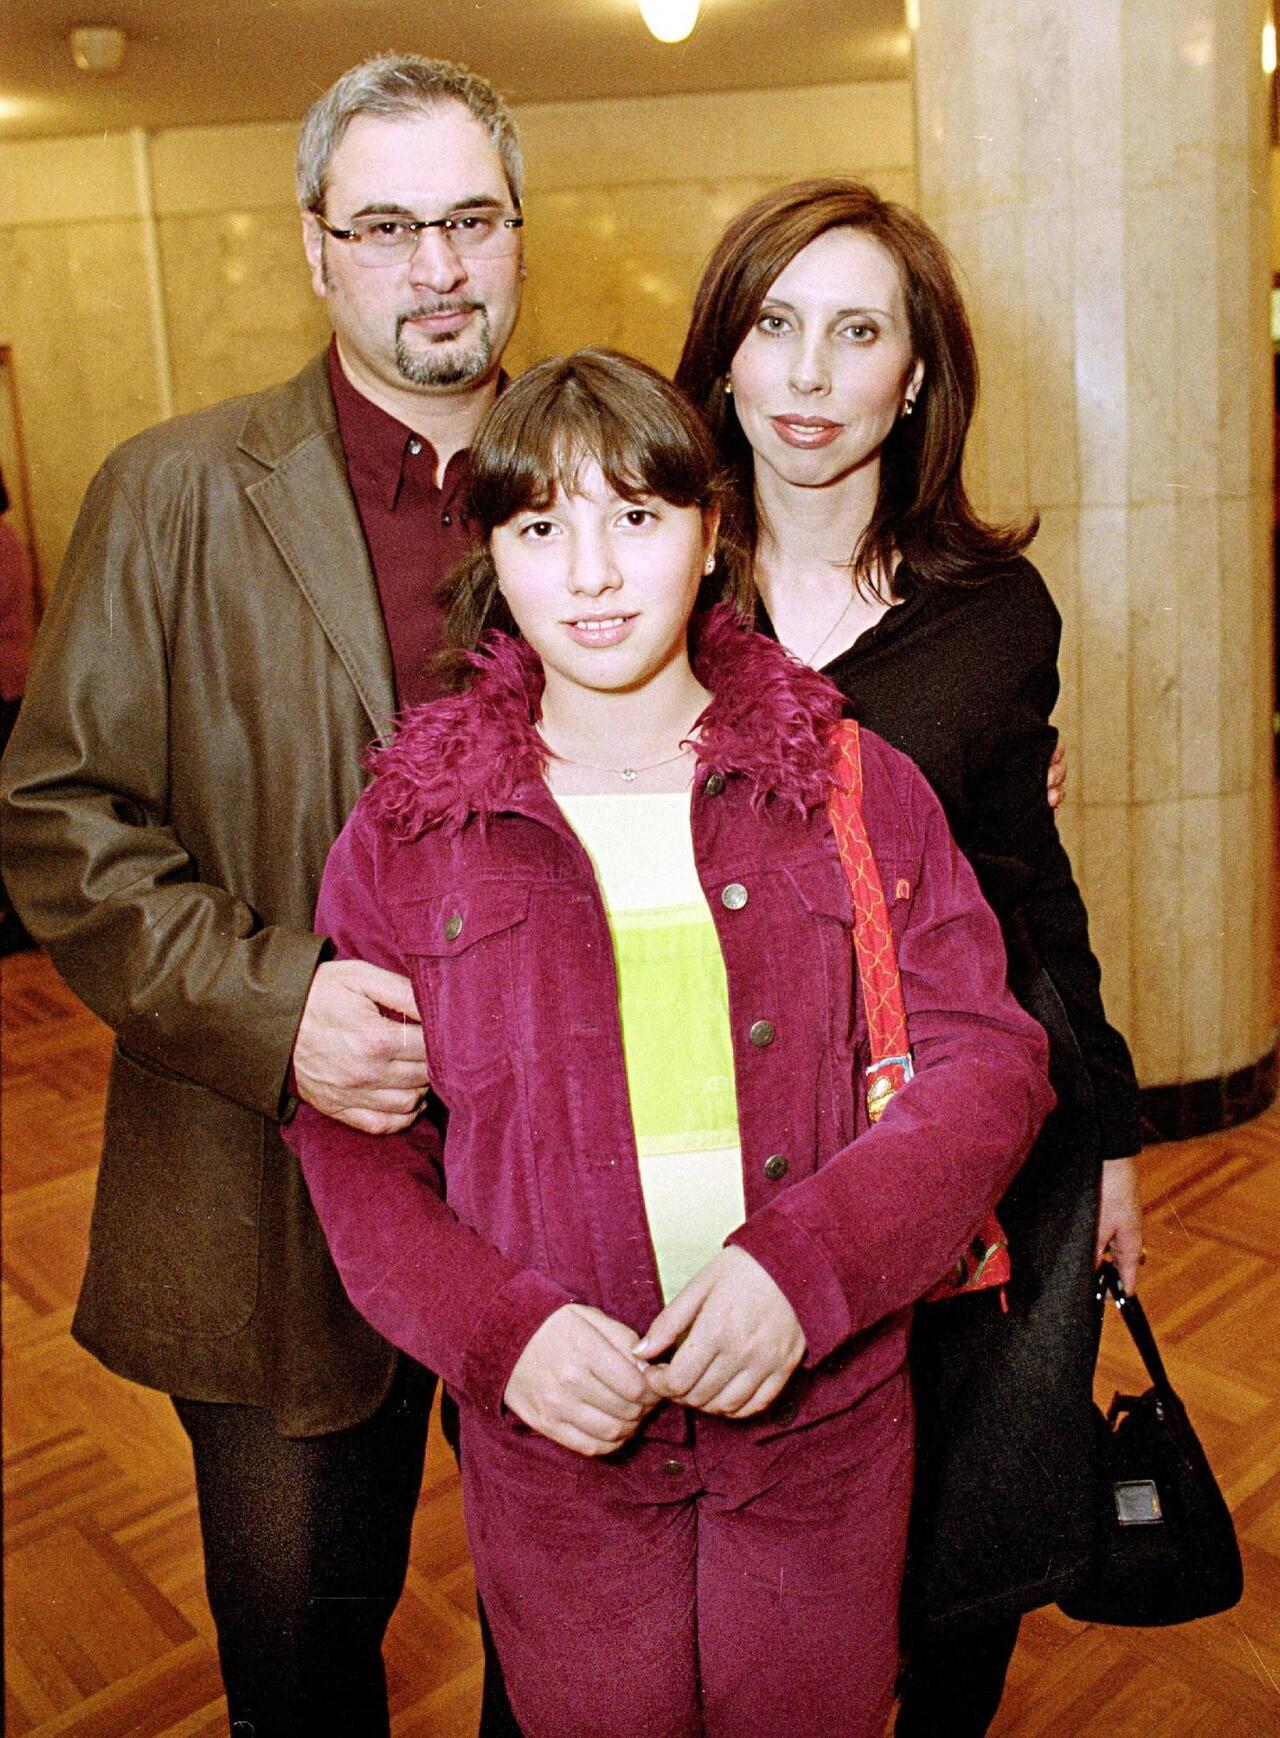 Даже один день было прожить трудно! Бывшая жена Валерия Меладзе вспомнила о его предательстве